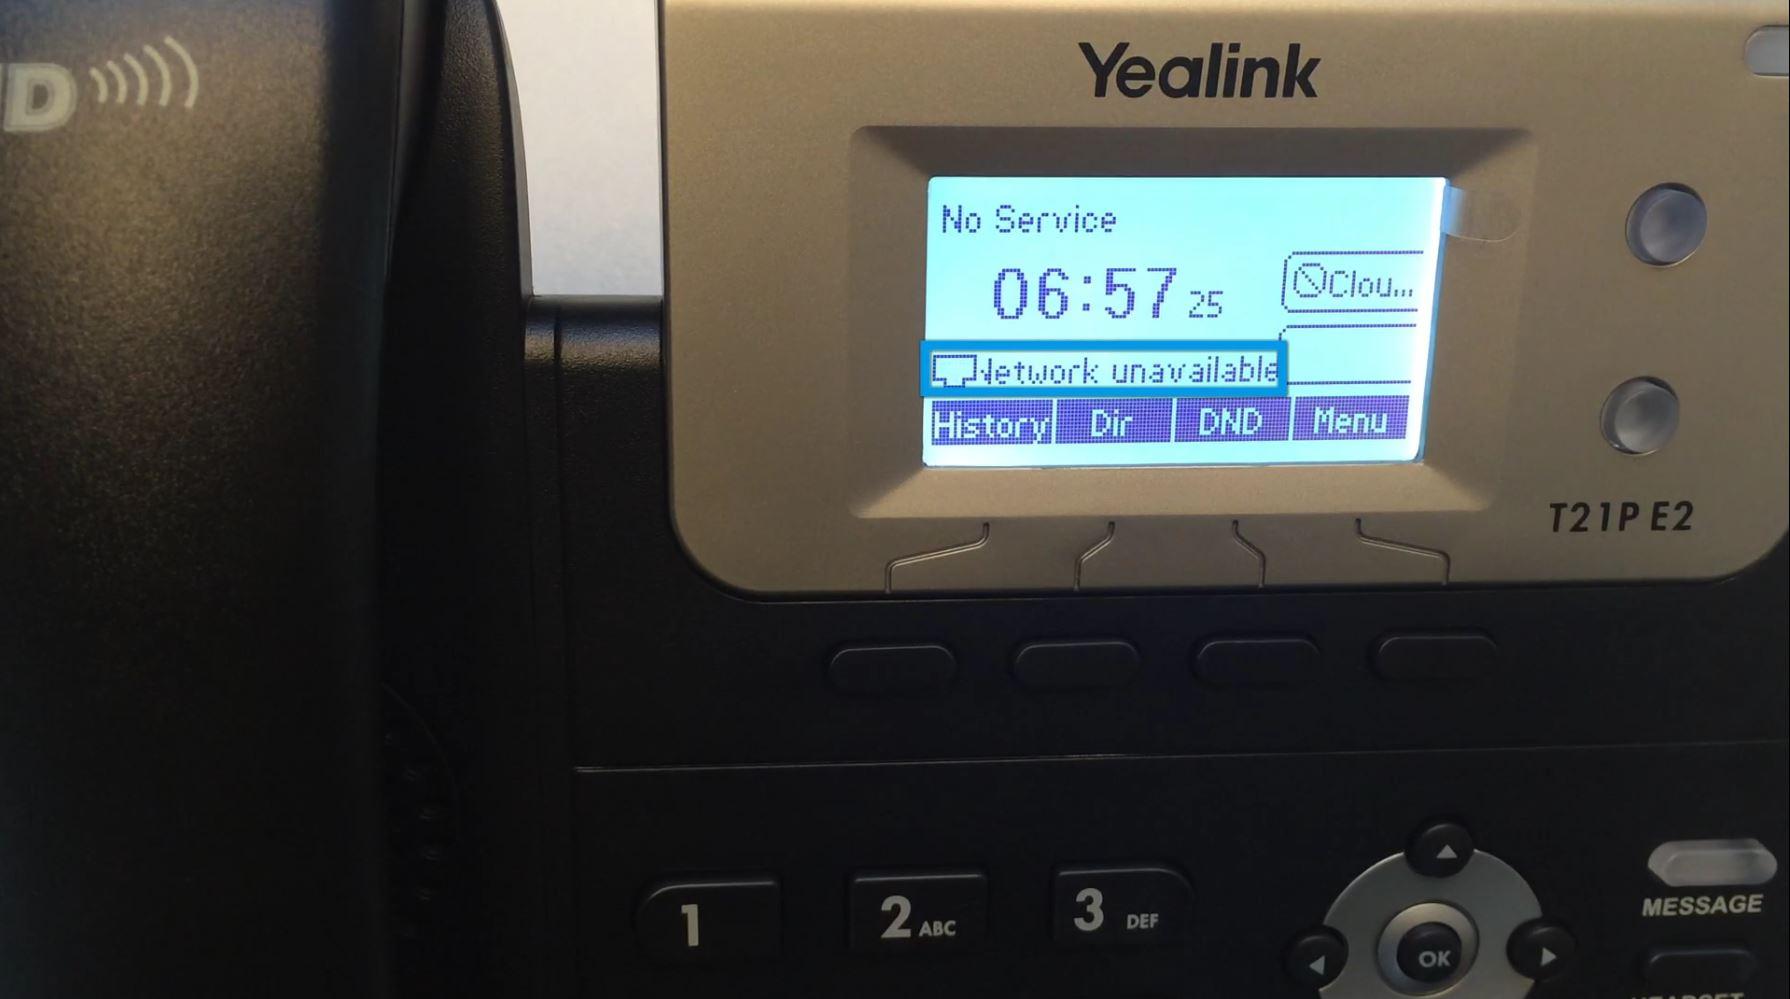 Error No Service